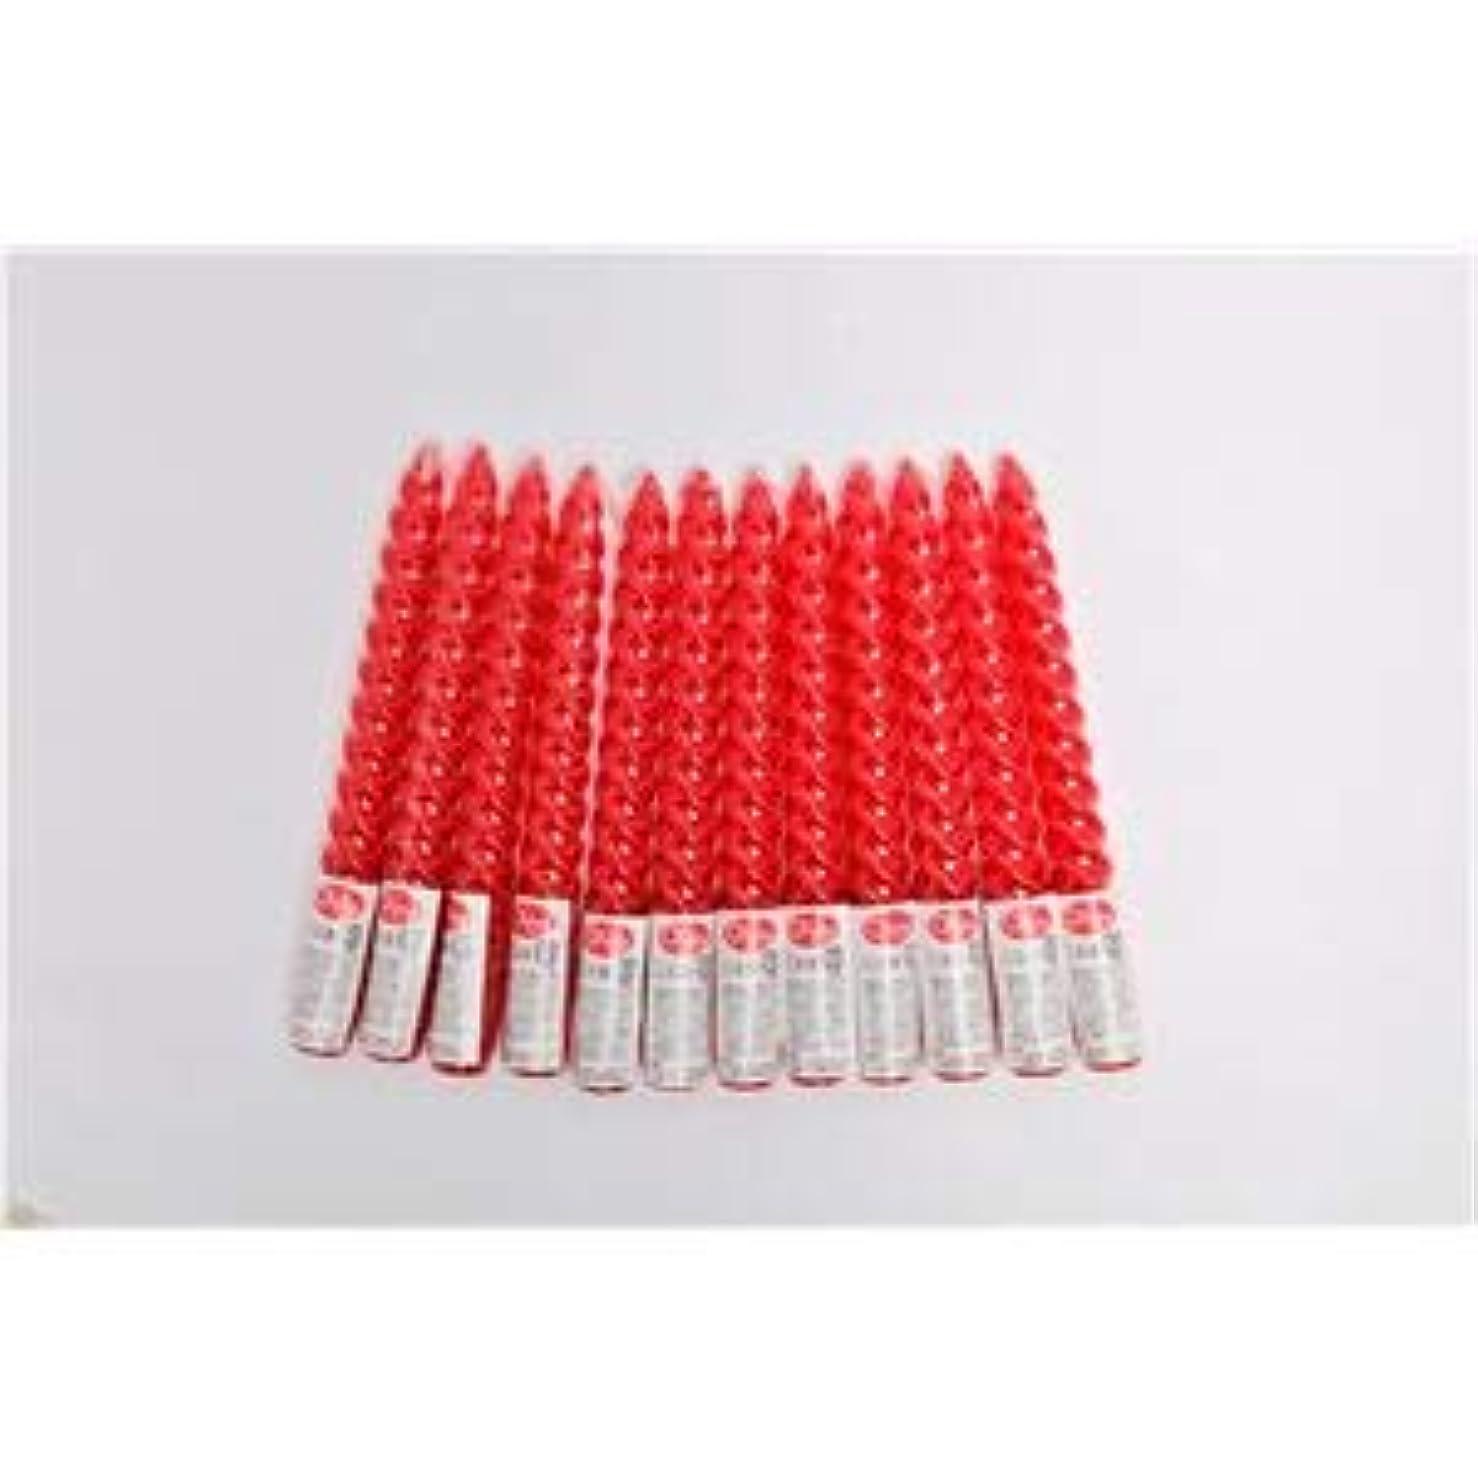 損失ビタミンいくつかの8インチ スパイラルキャンドル 【12本セット 赤】 長さ約20cm 燃焼約5h 『シュリンク』 〔イベント バースデー〕